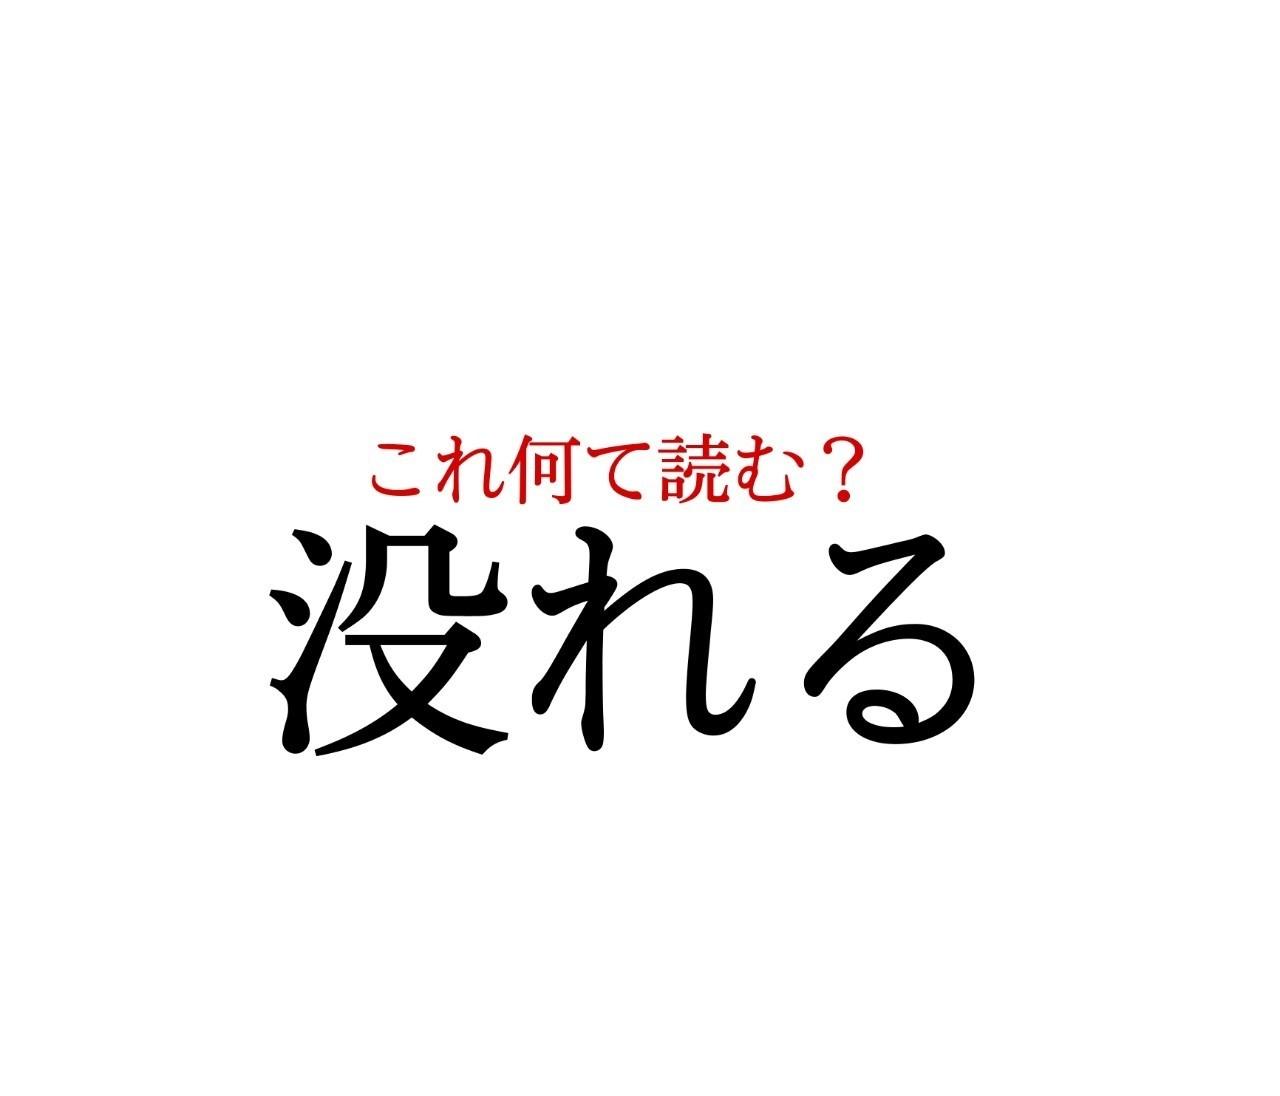 「没れる」:この漢字、自信を持って読めますか?【働く大人の漢字クイズvol.262】